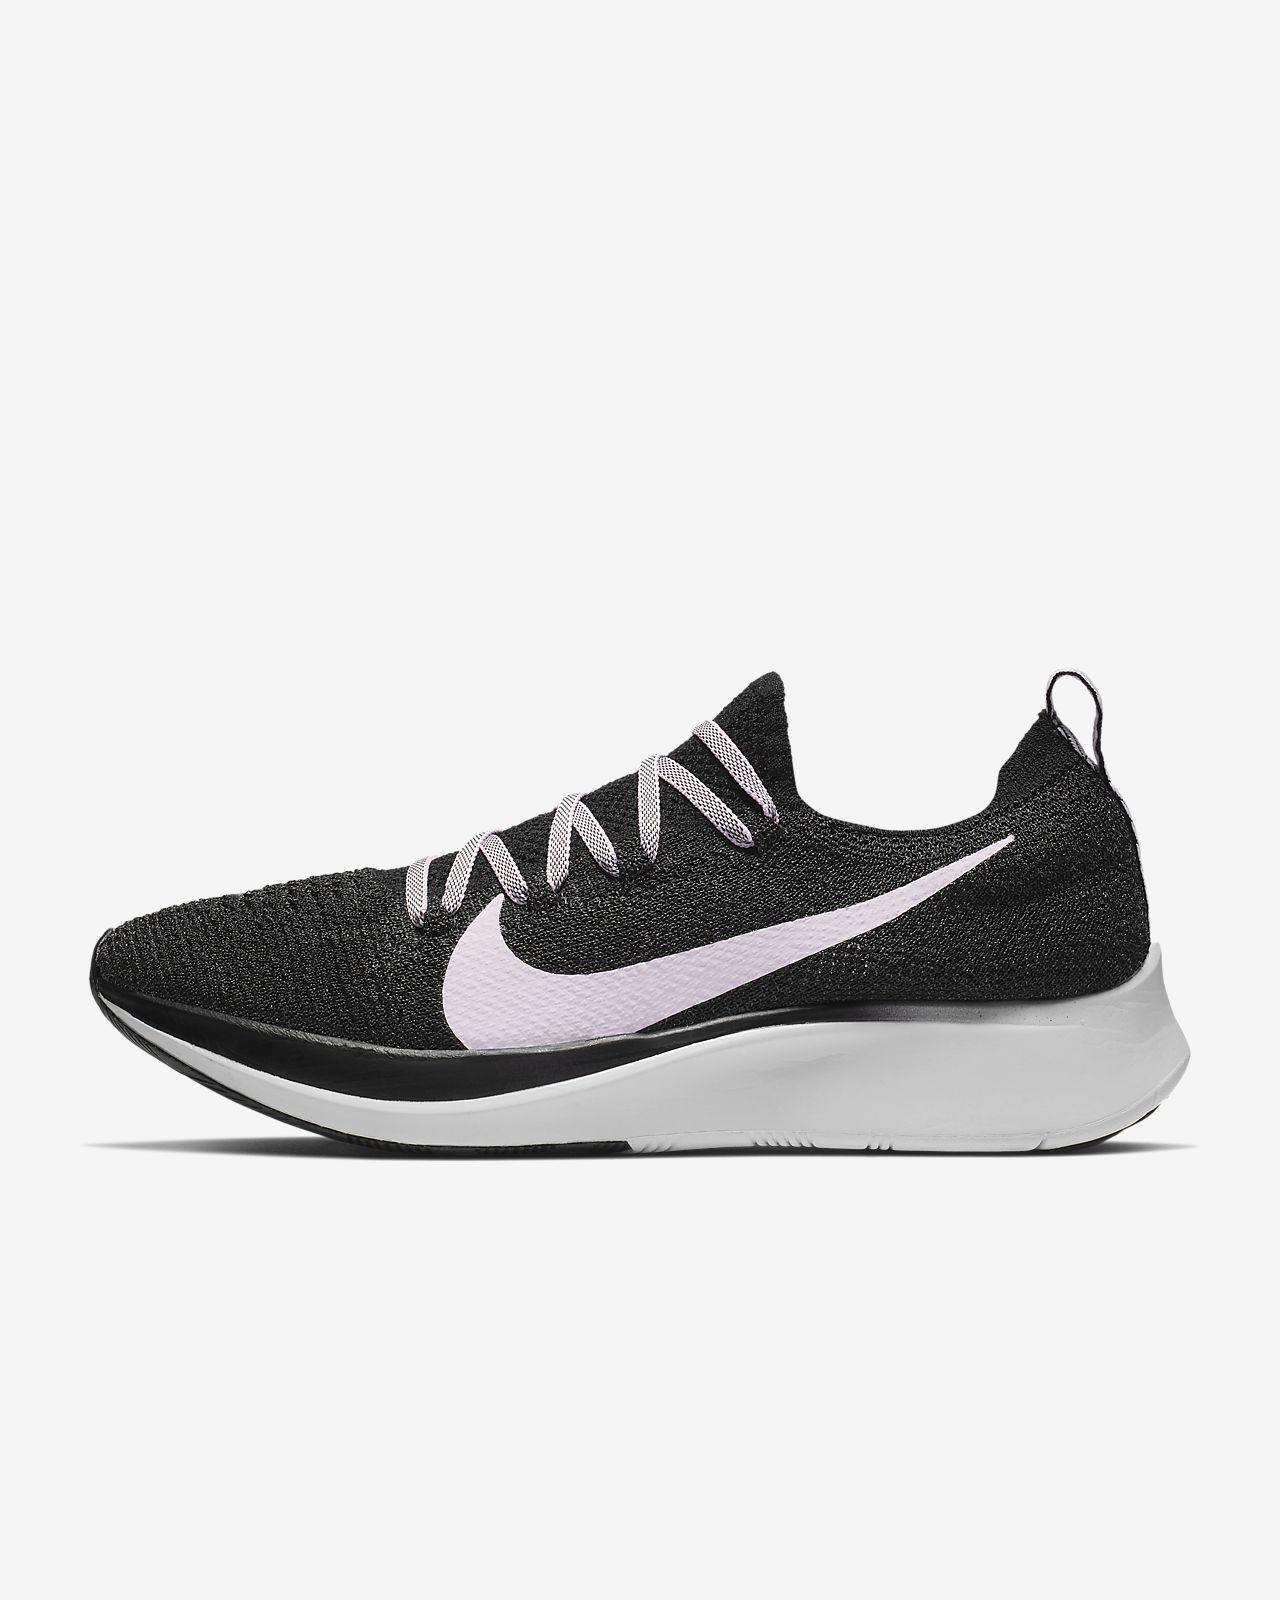 Nike Zoom Fly Flyknit Zapatillas de running Mujer